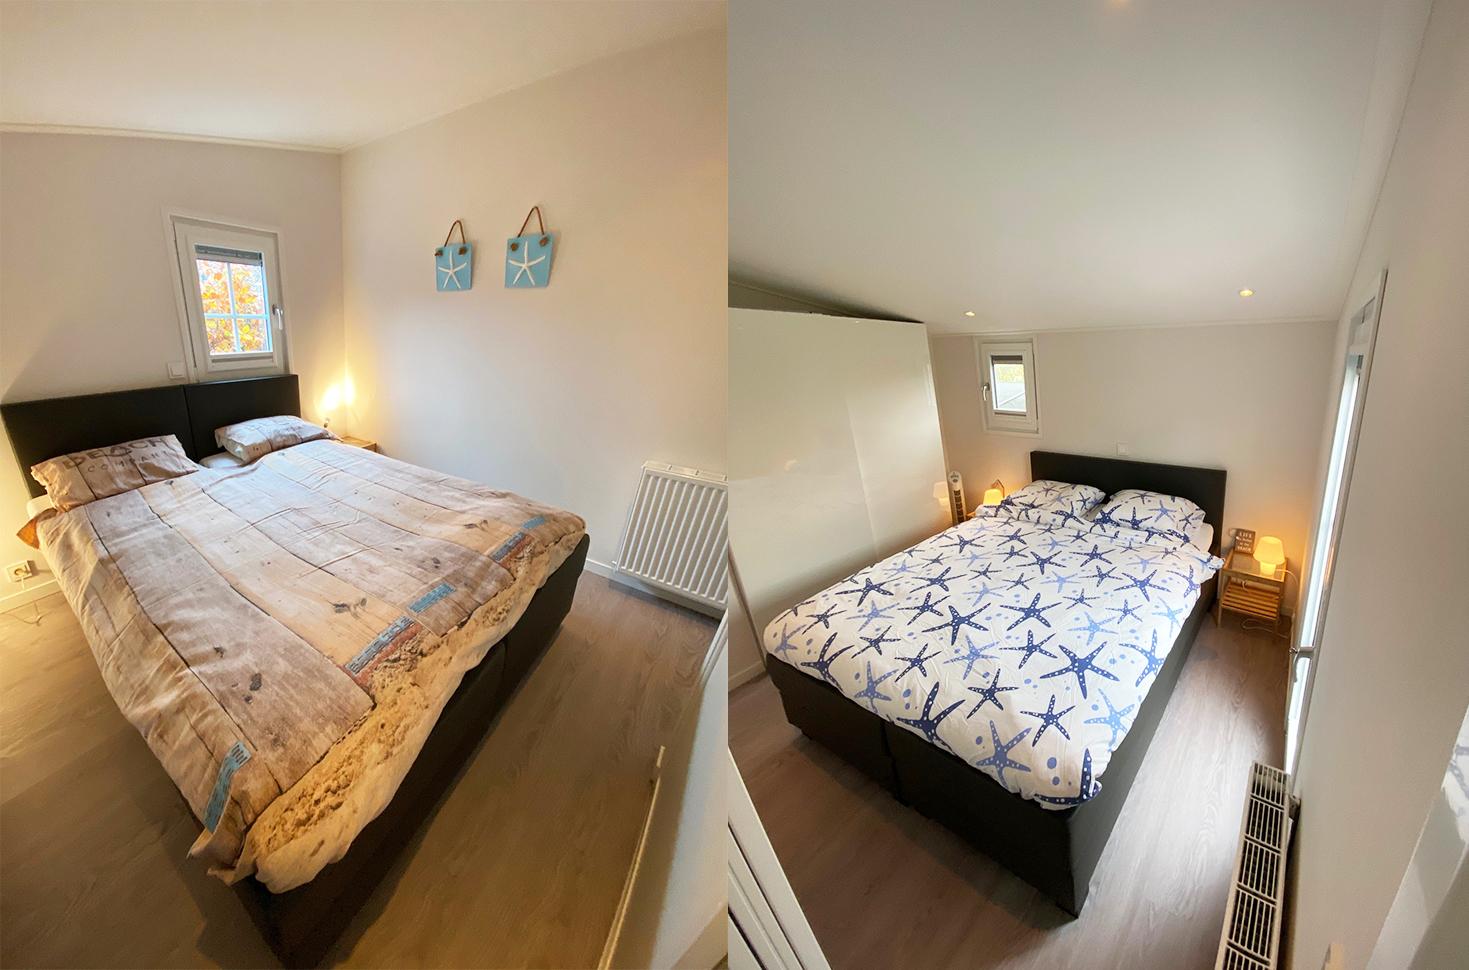 SterVakantiehuis_slaapkamers